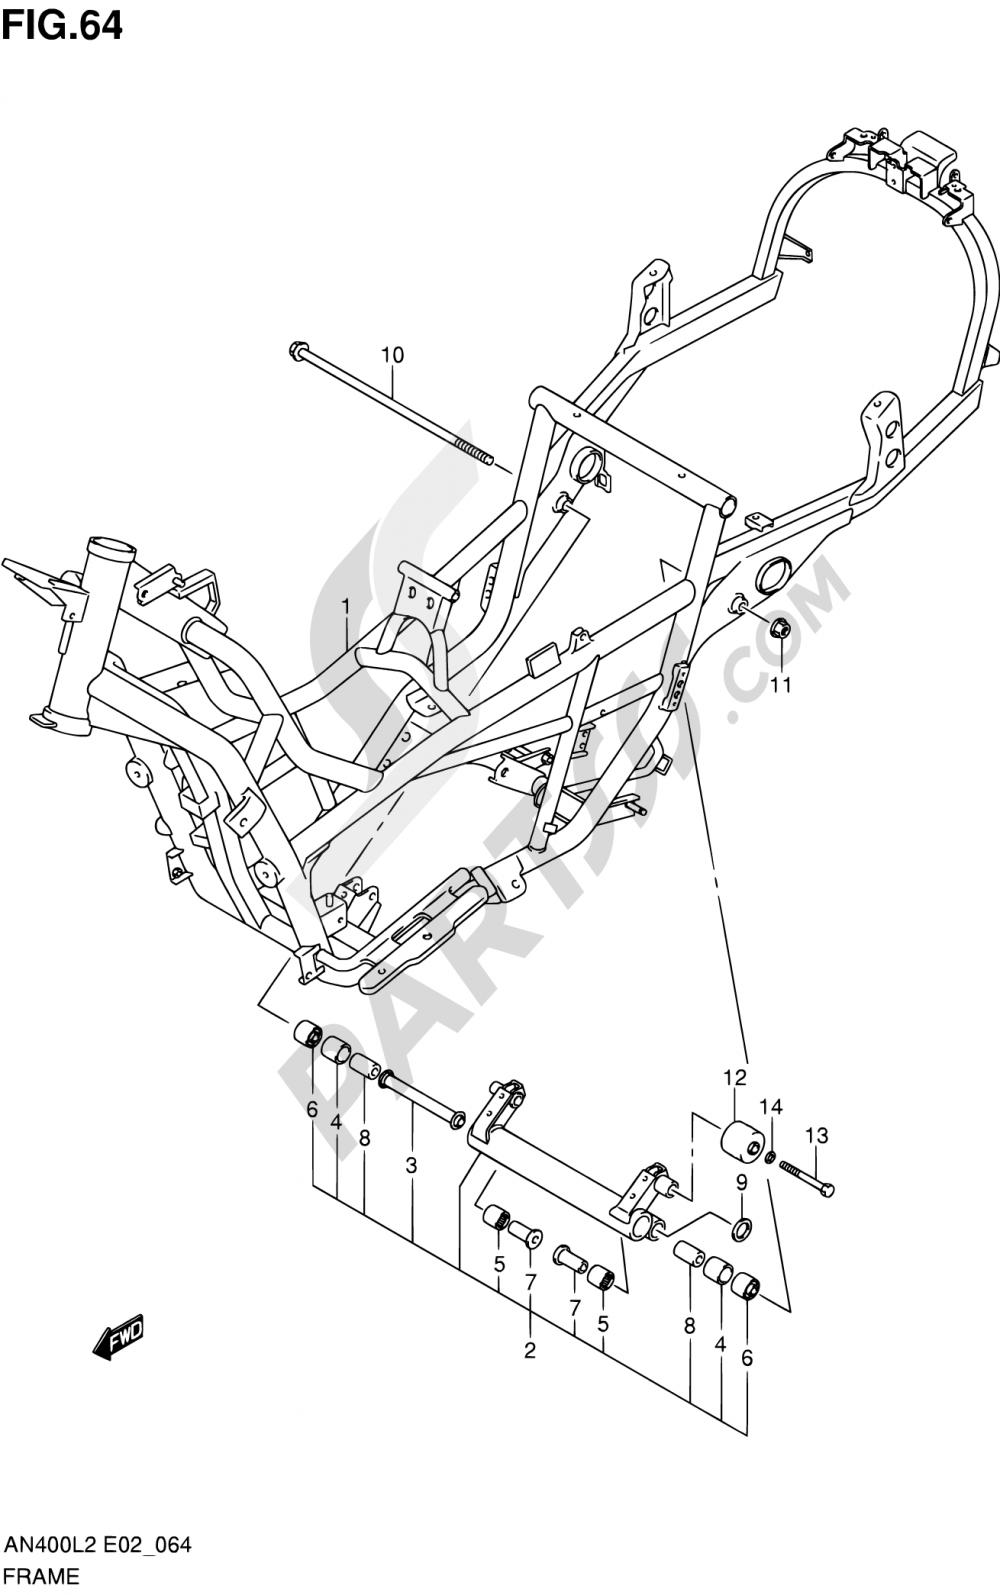 64 - FRAME (AN400L2 E02) Suzuki BURGMAN AN400A 2012